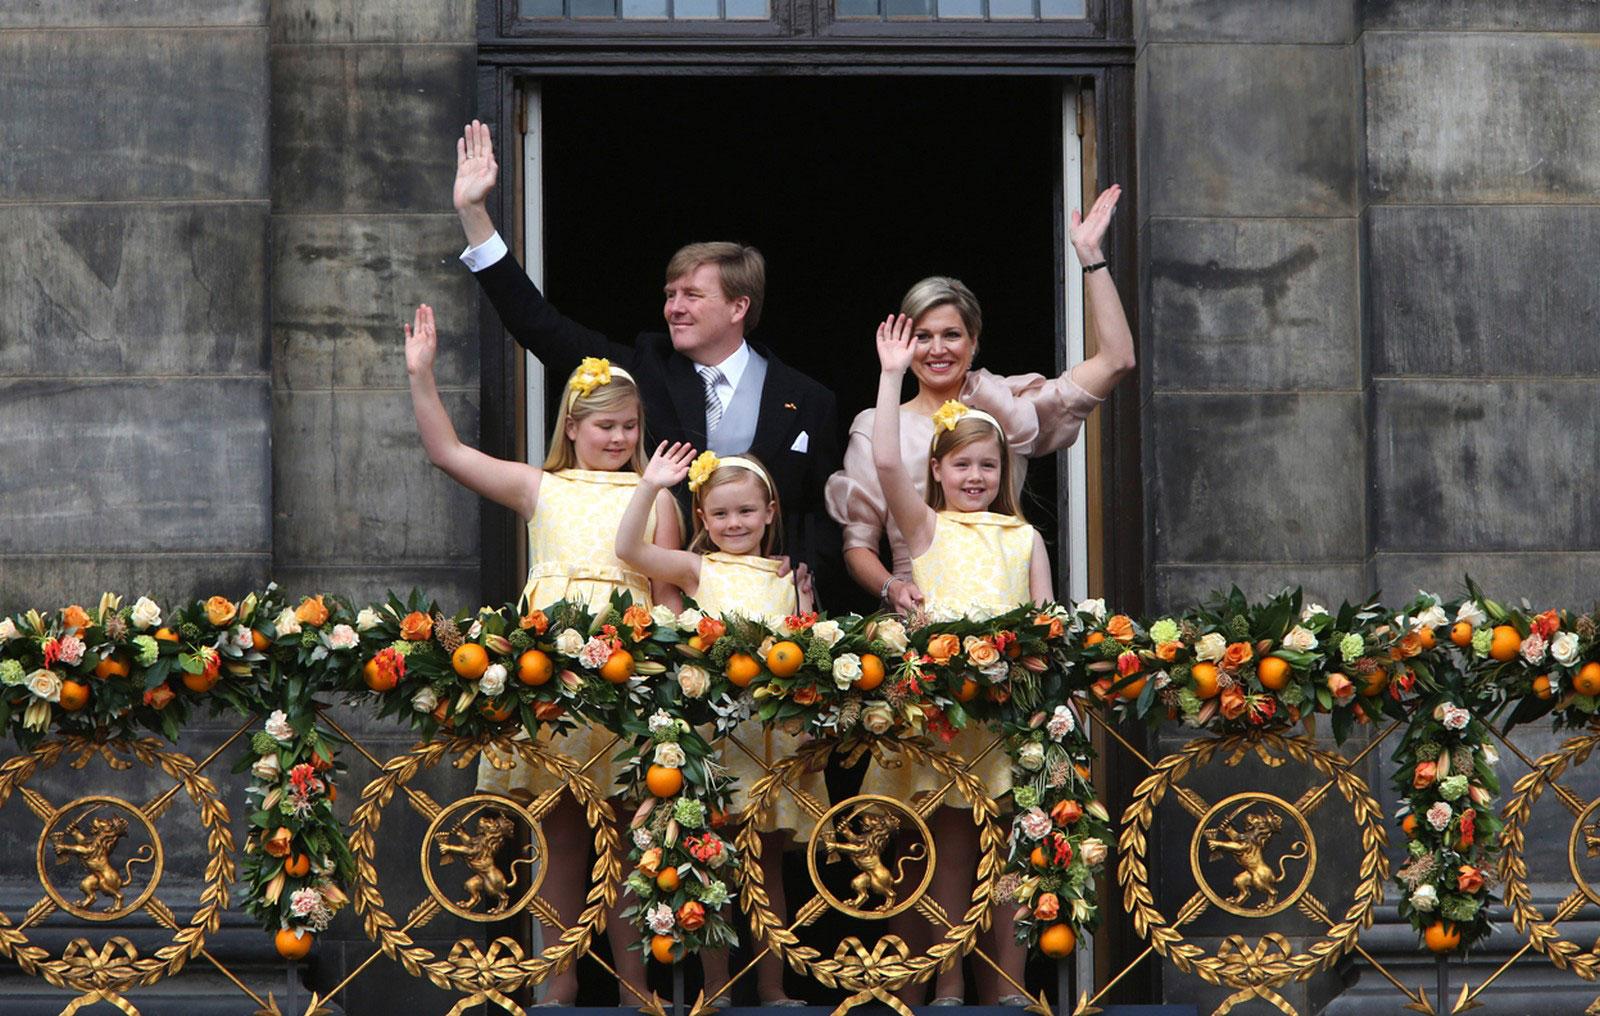 Жители Нидерландов приветствуют нового монарха